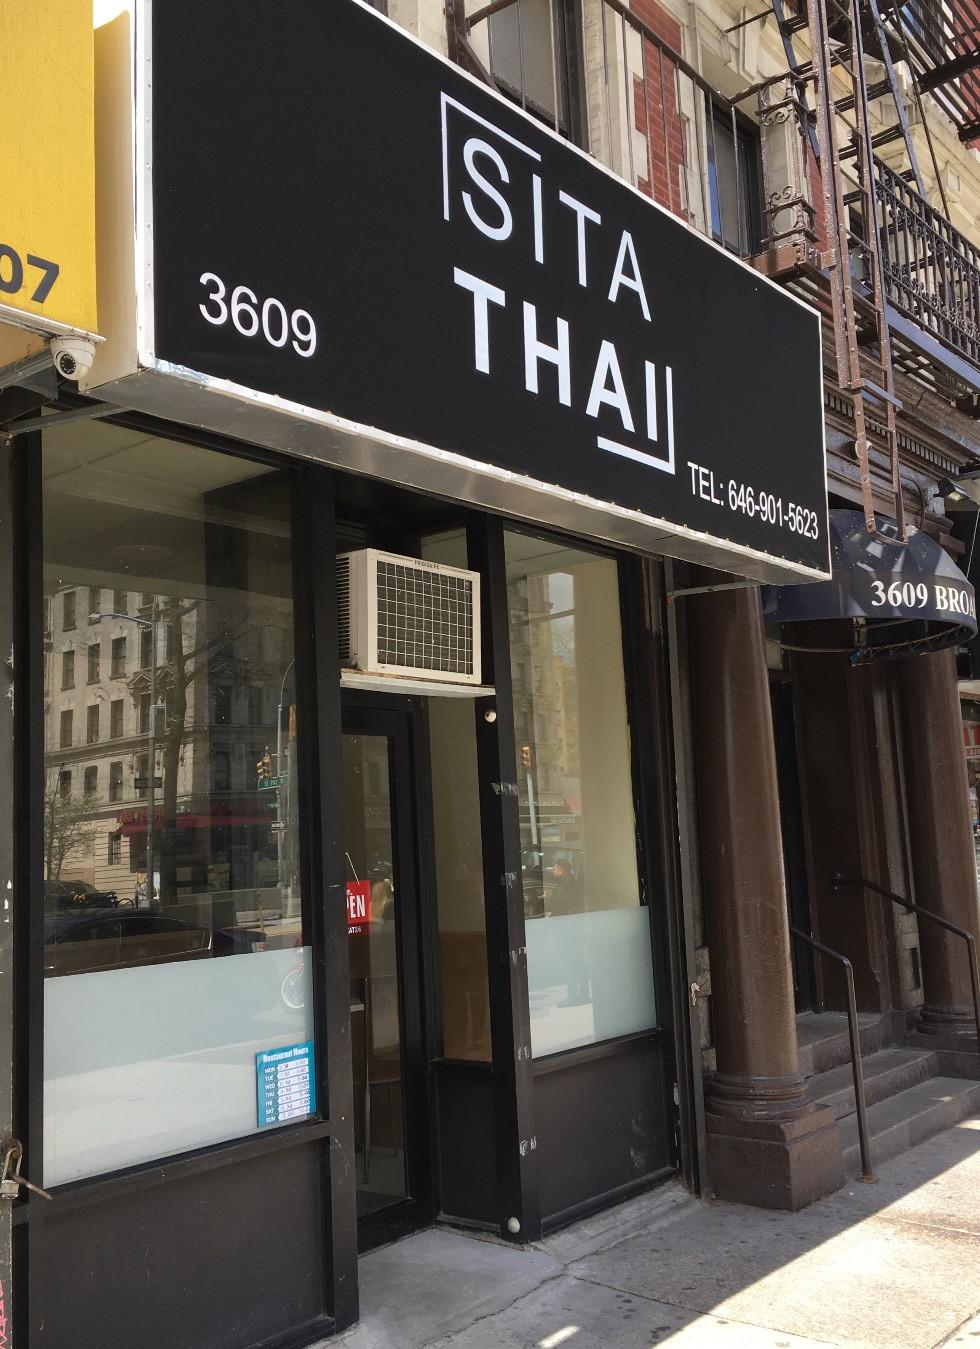 Sita Thai in Hamilton Heights